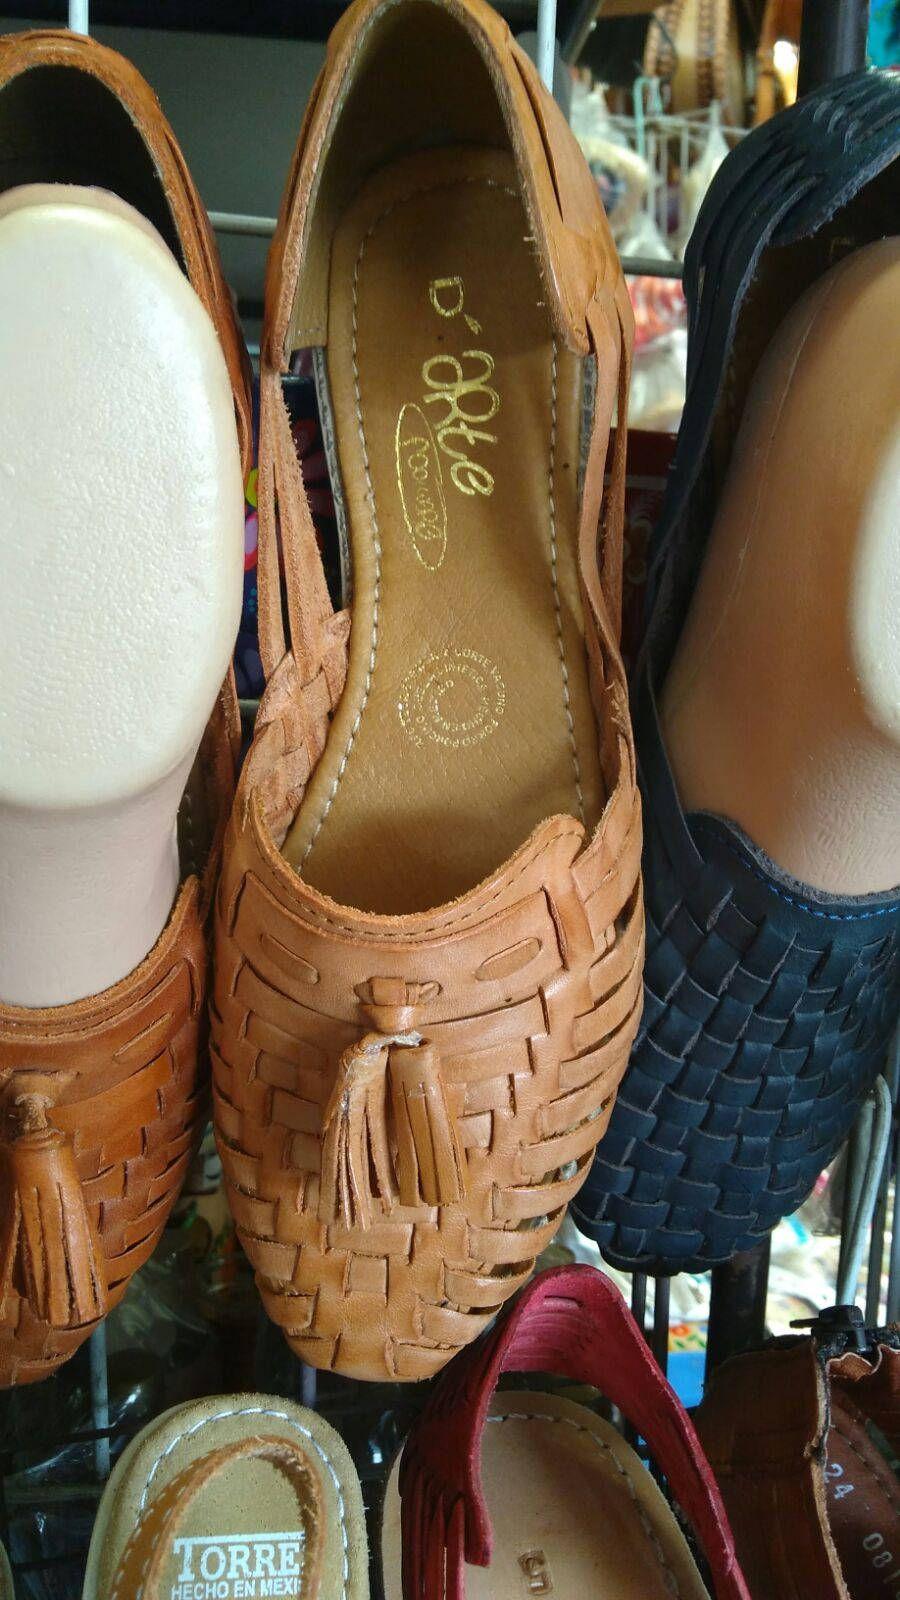 18499ad0b Huaraches Mexican Huaraches Huarache Sandals Leather Calzado Hombre